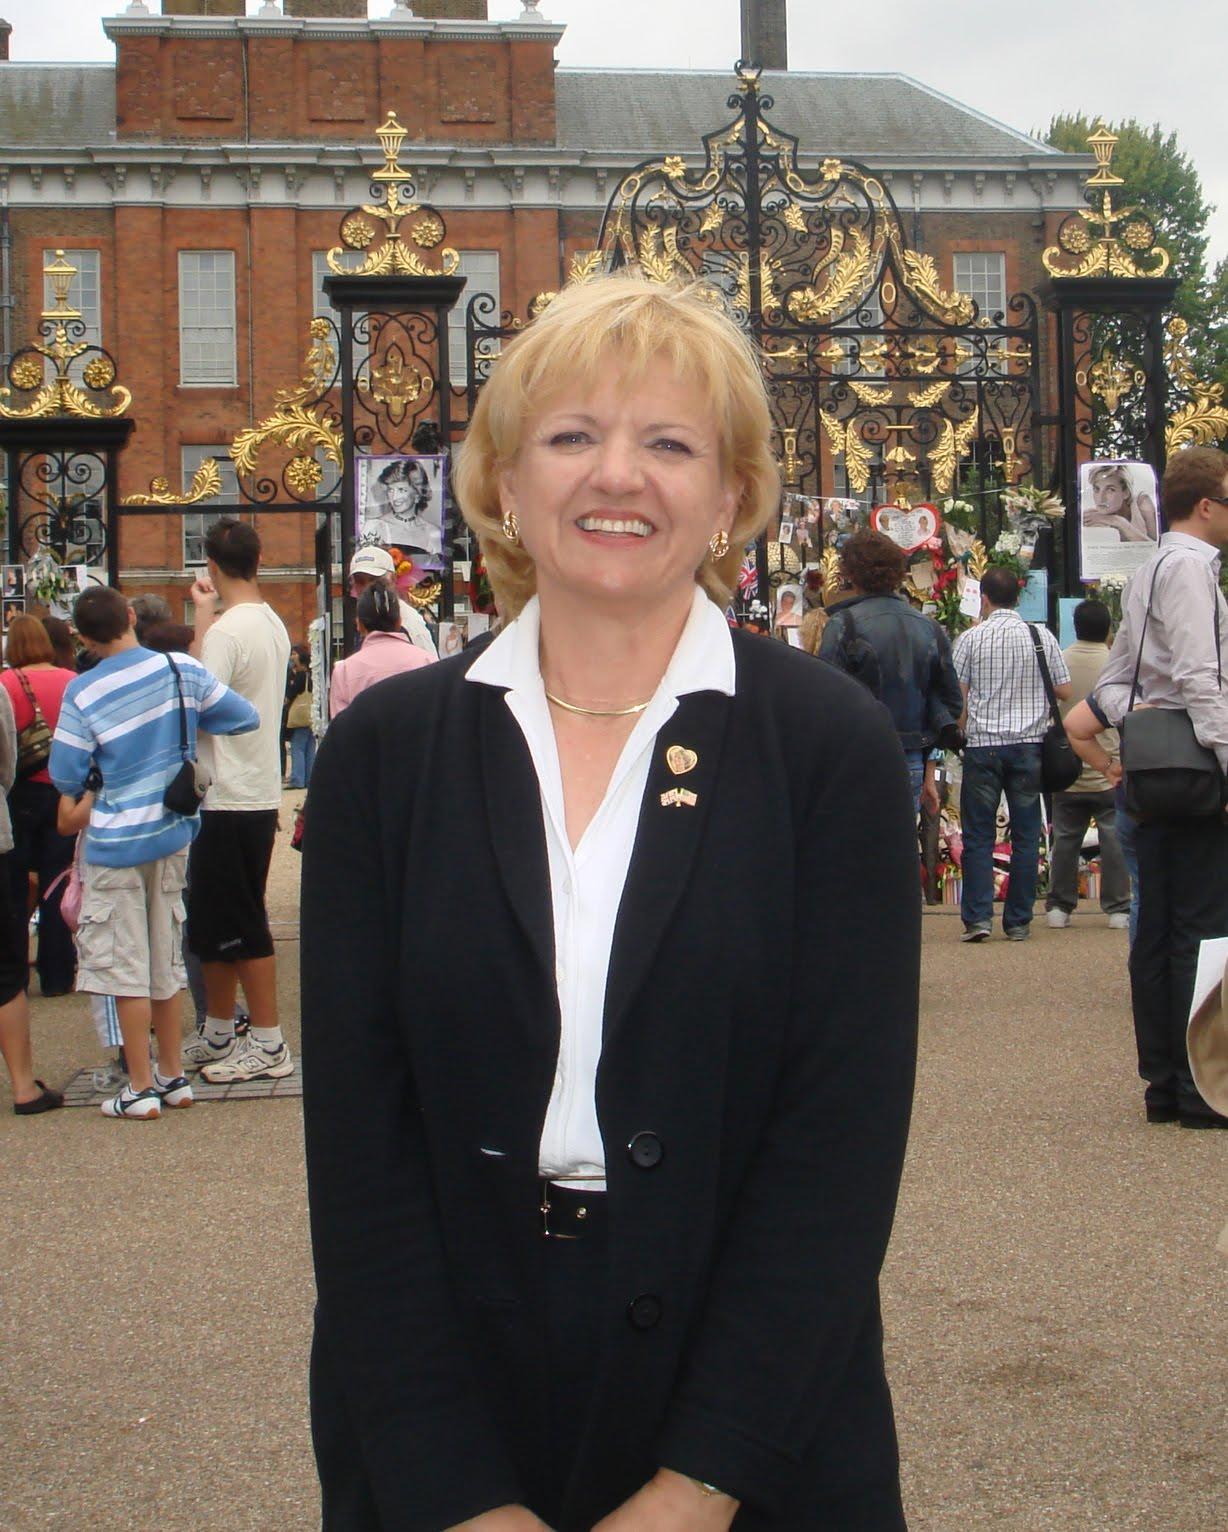 Caroline Davenport